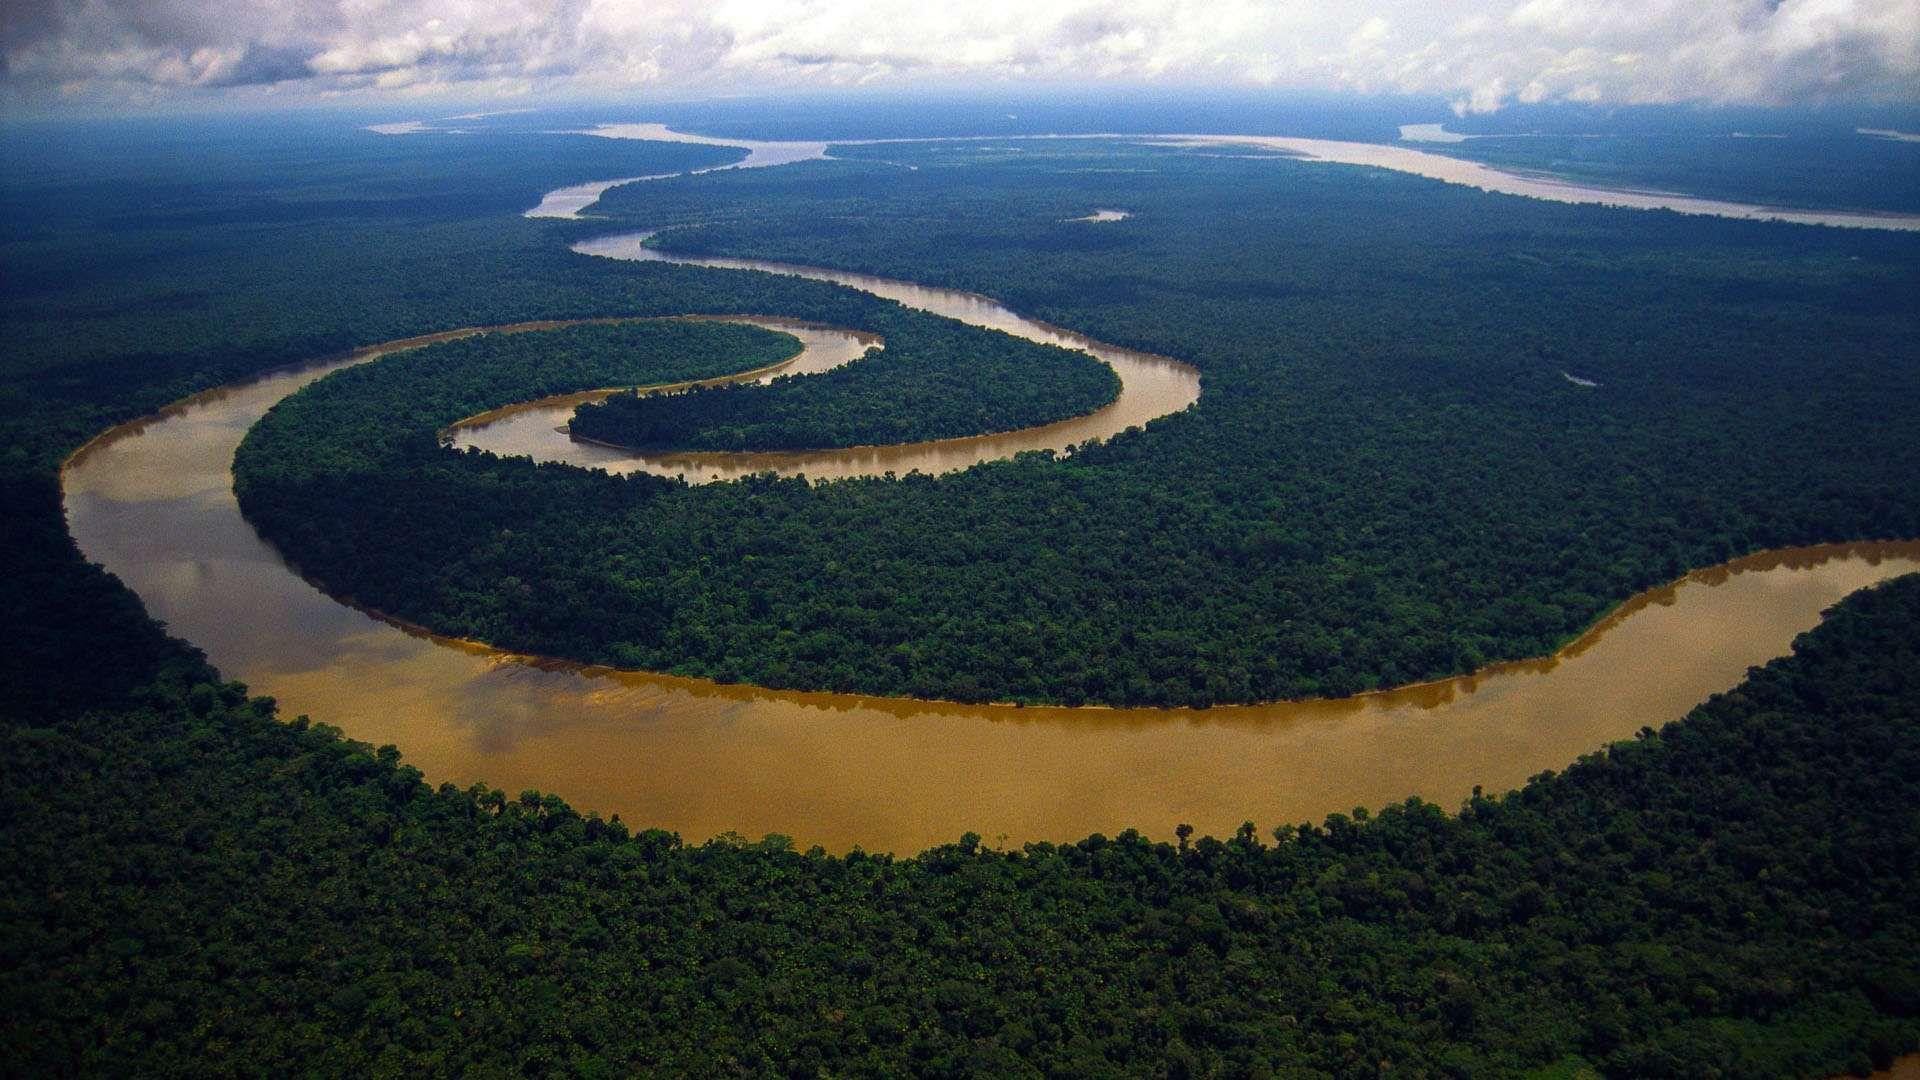 ما هو اعرض نهر في العالم معلومات غريبه و عجيبه عن نهر الامازون حنين الذكريات